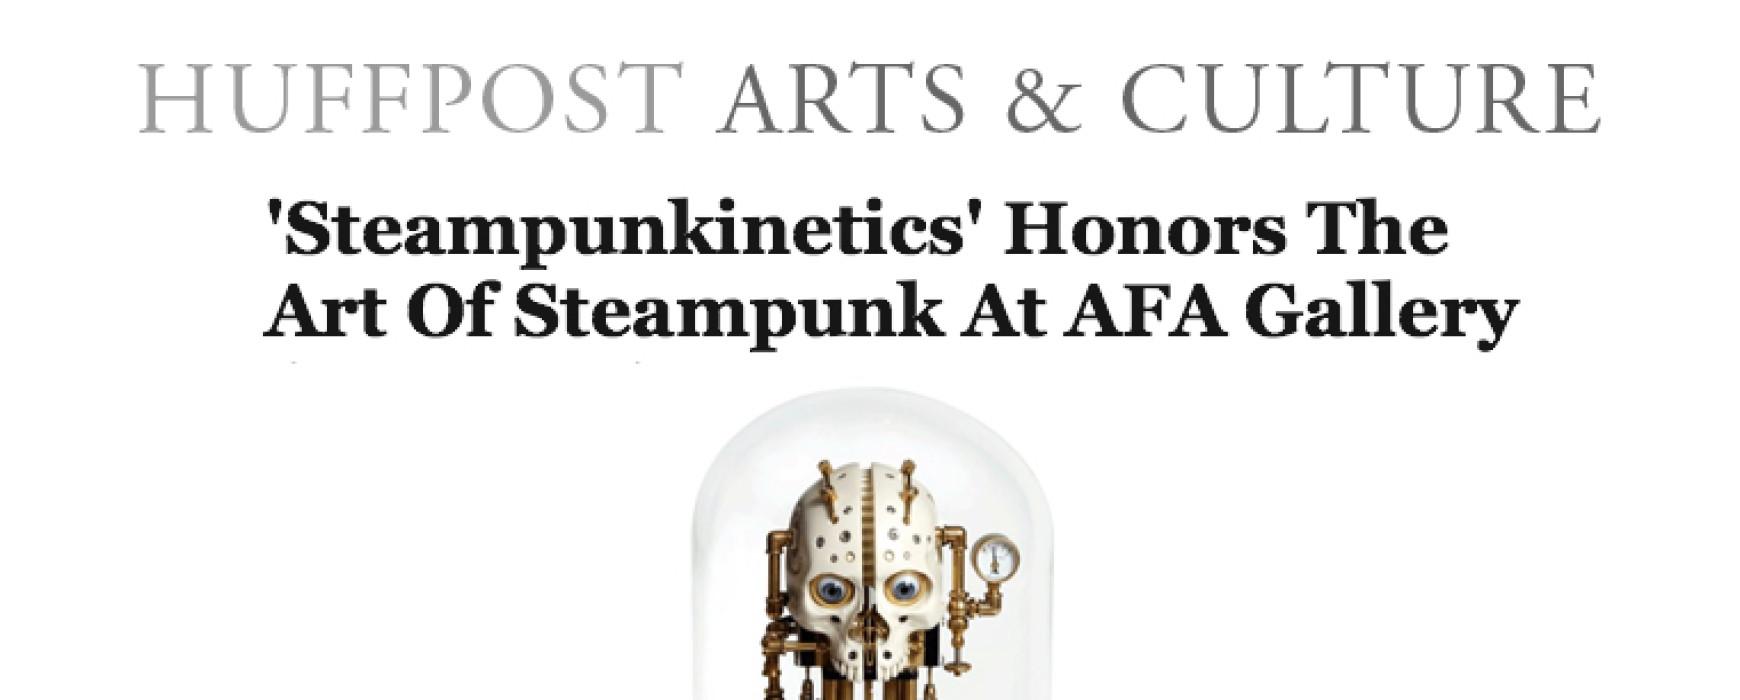 HuffPost: 'Steampunkinetics'